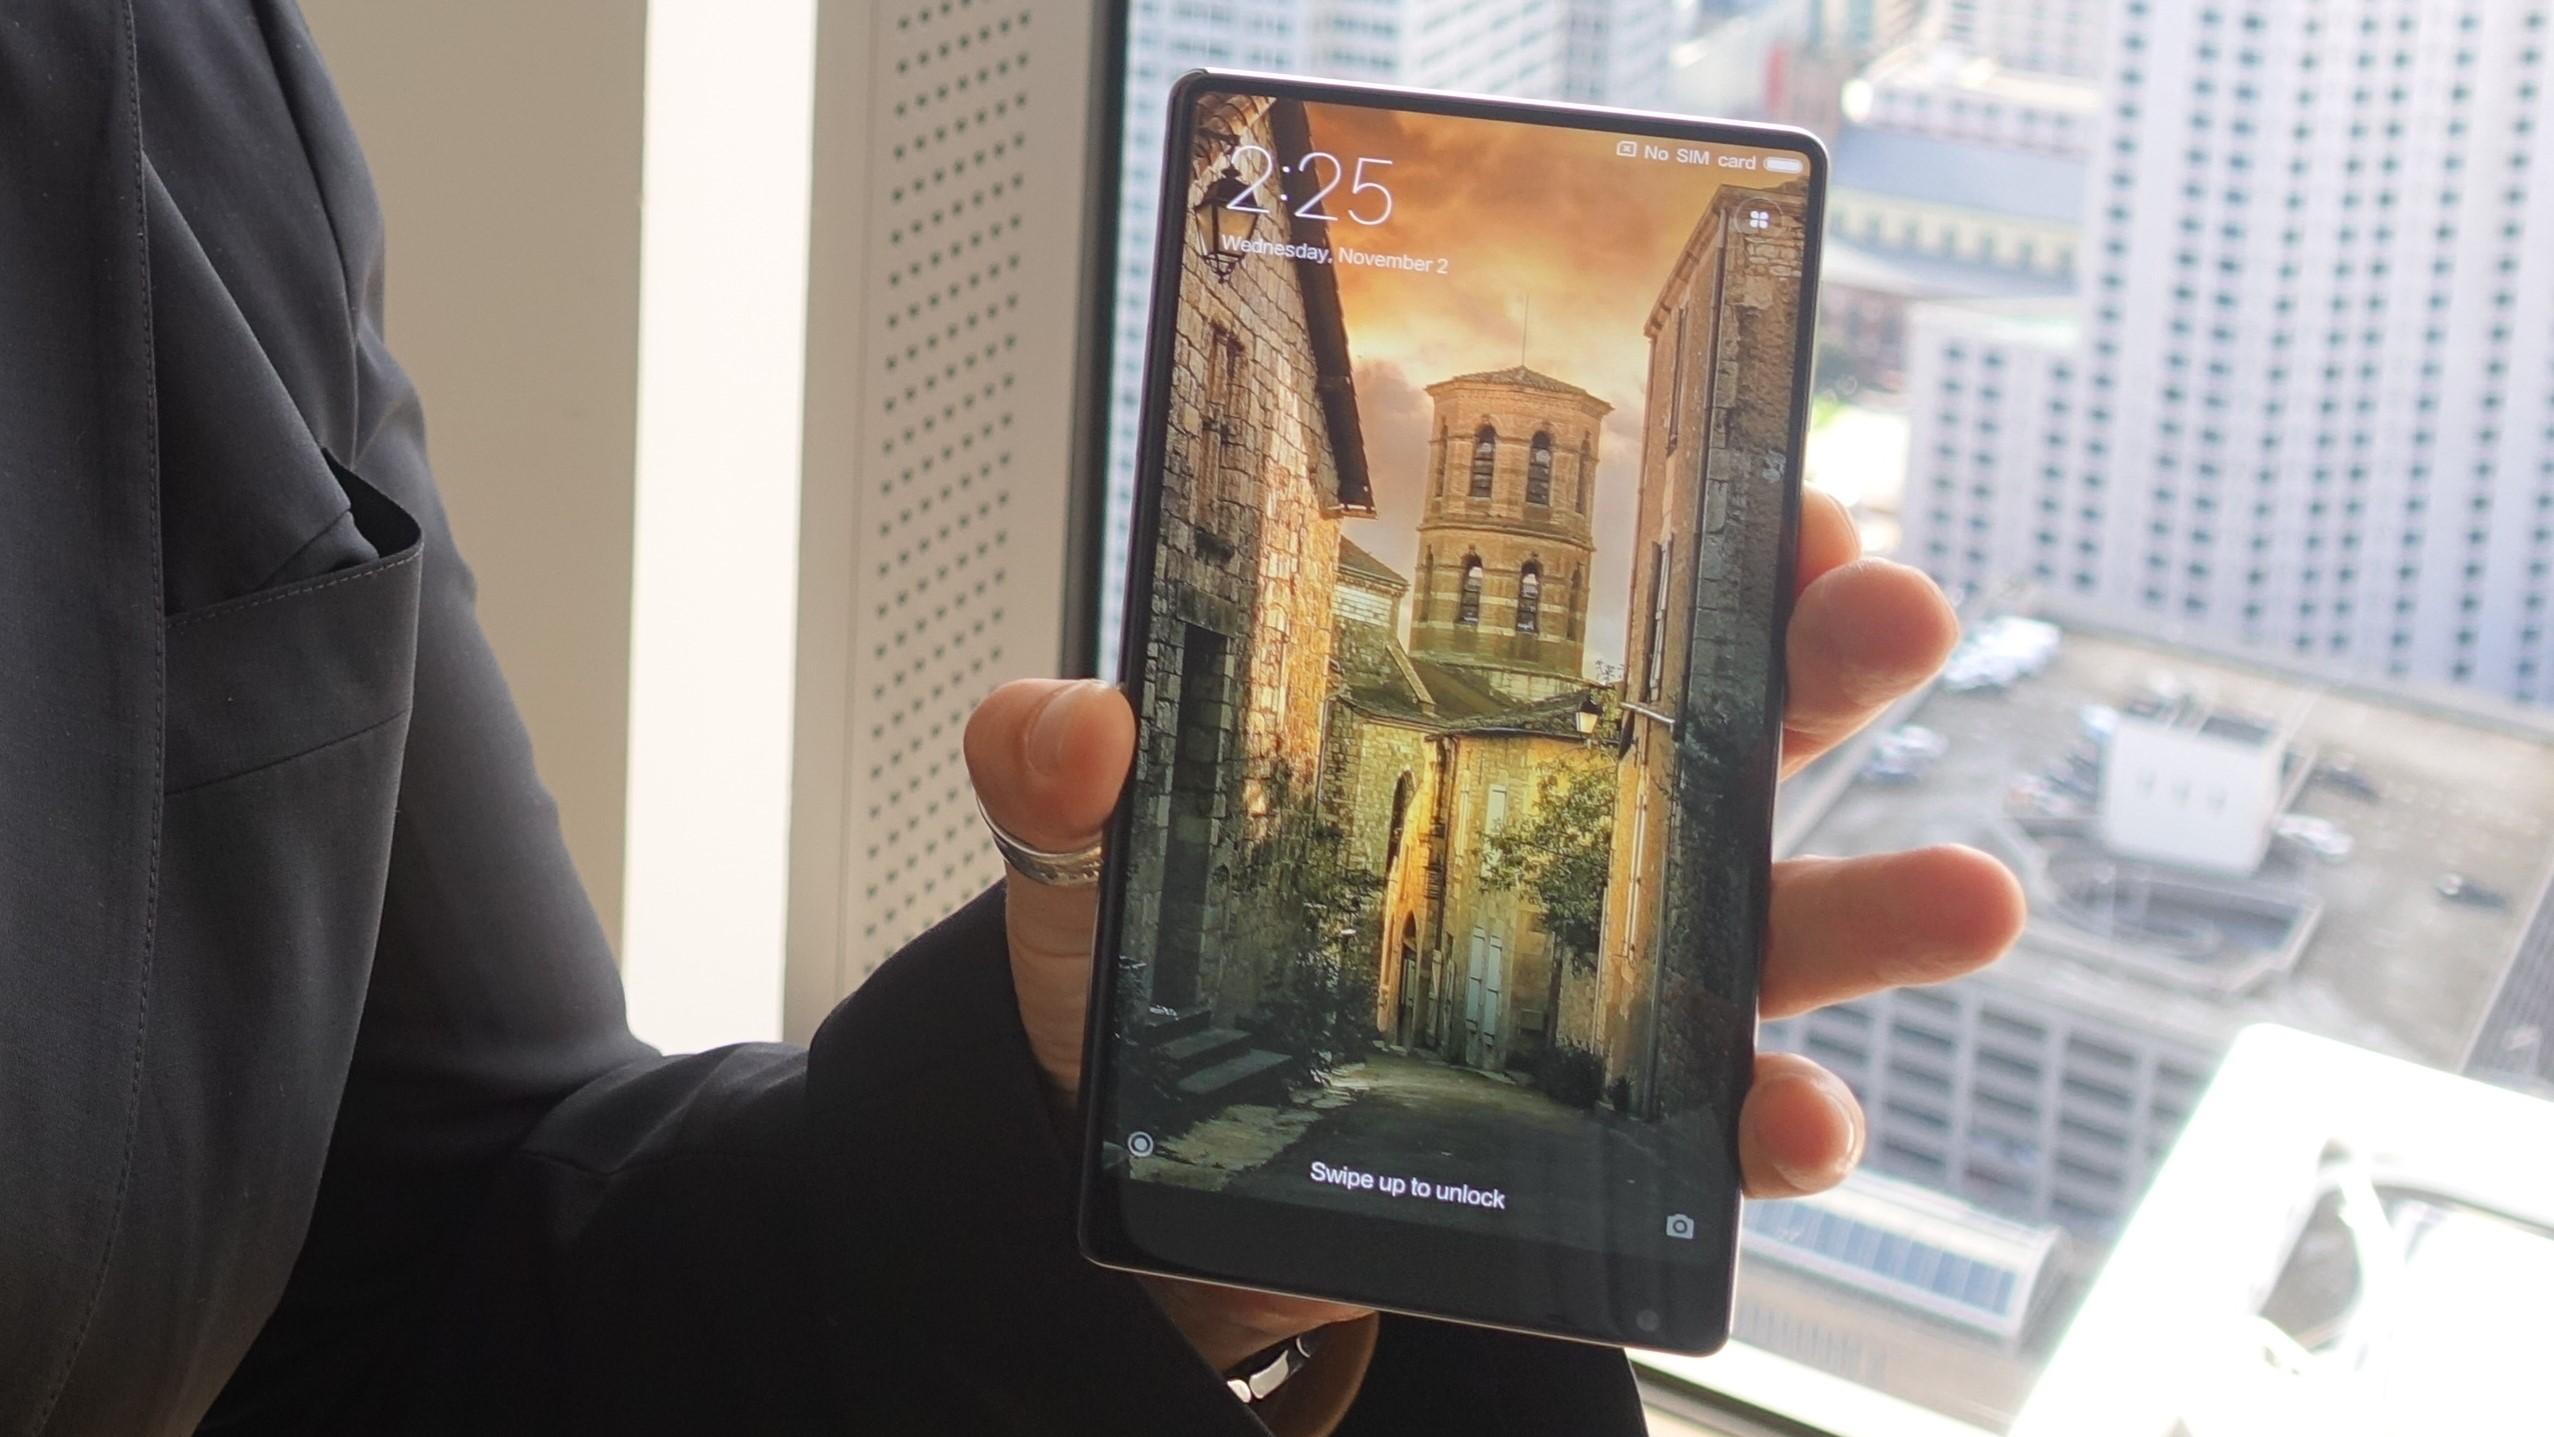 Blir iPhone 9 seende ut omtrent som en Mi Mix? Selskapet kommer med oppfølgeren Mix 2 i år.